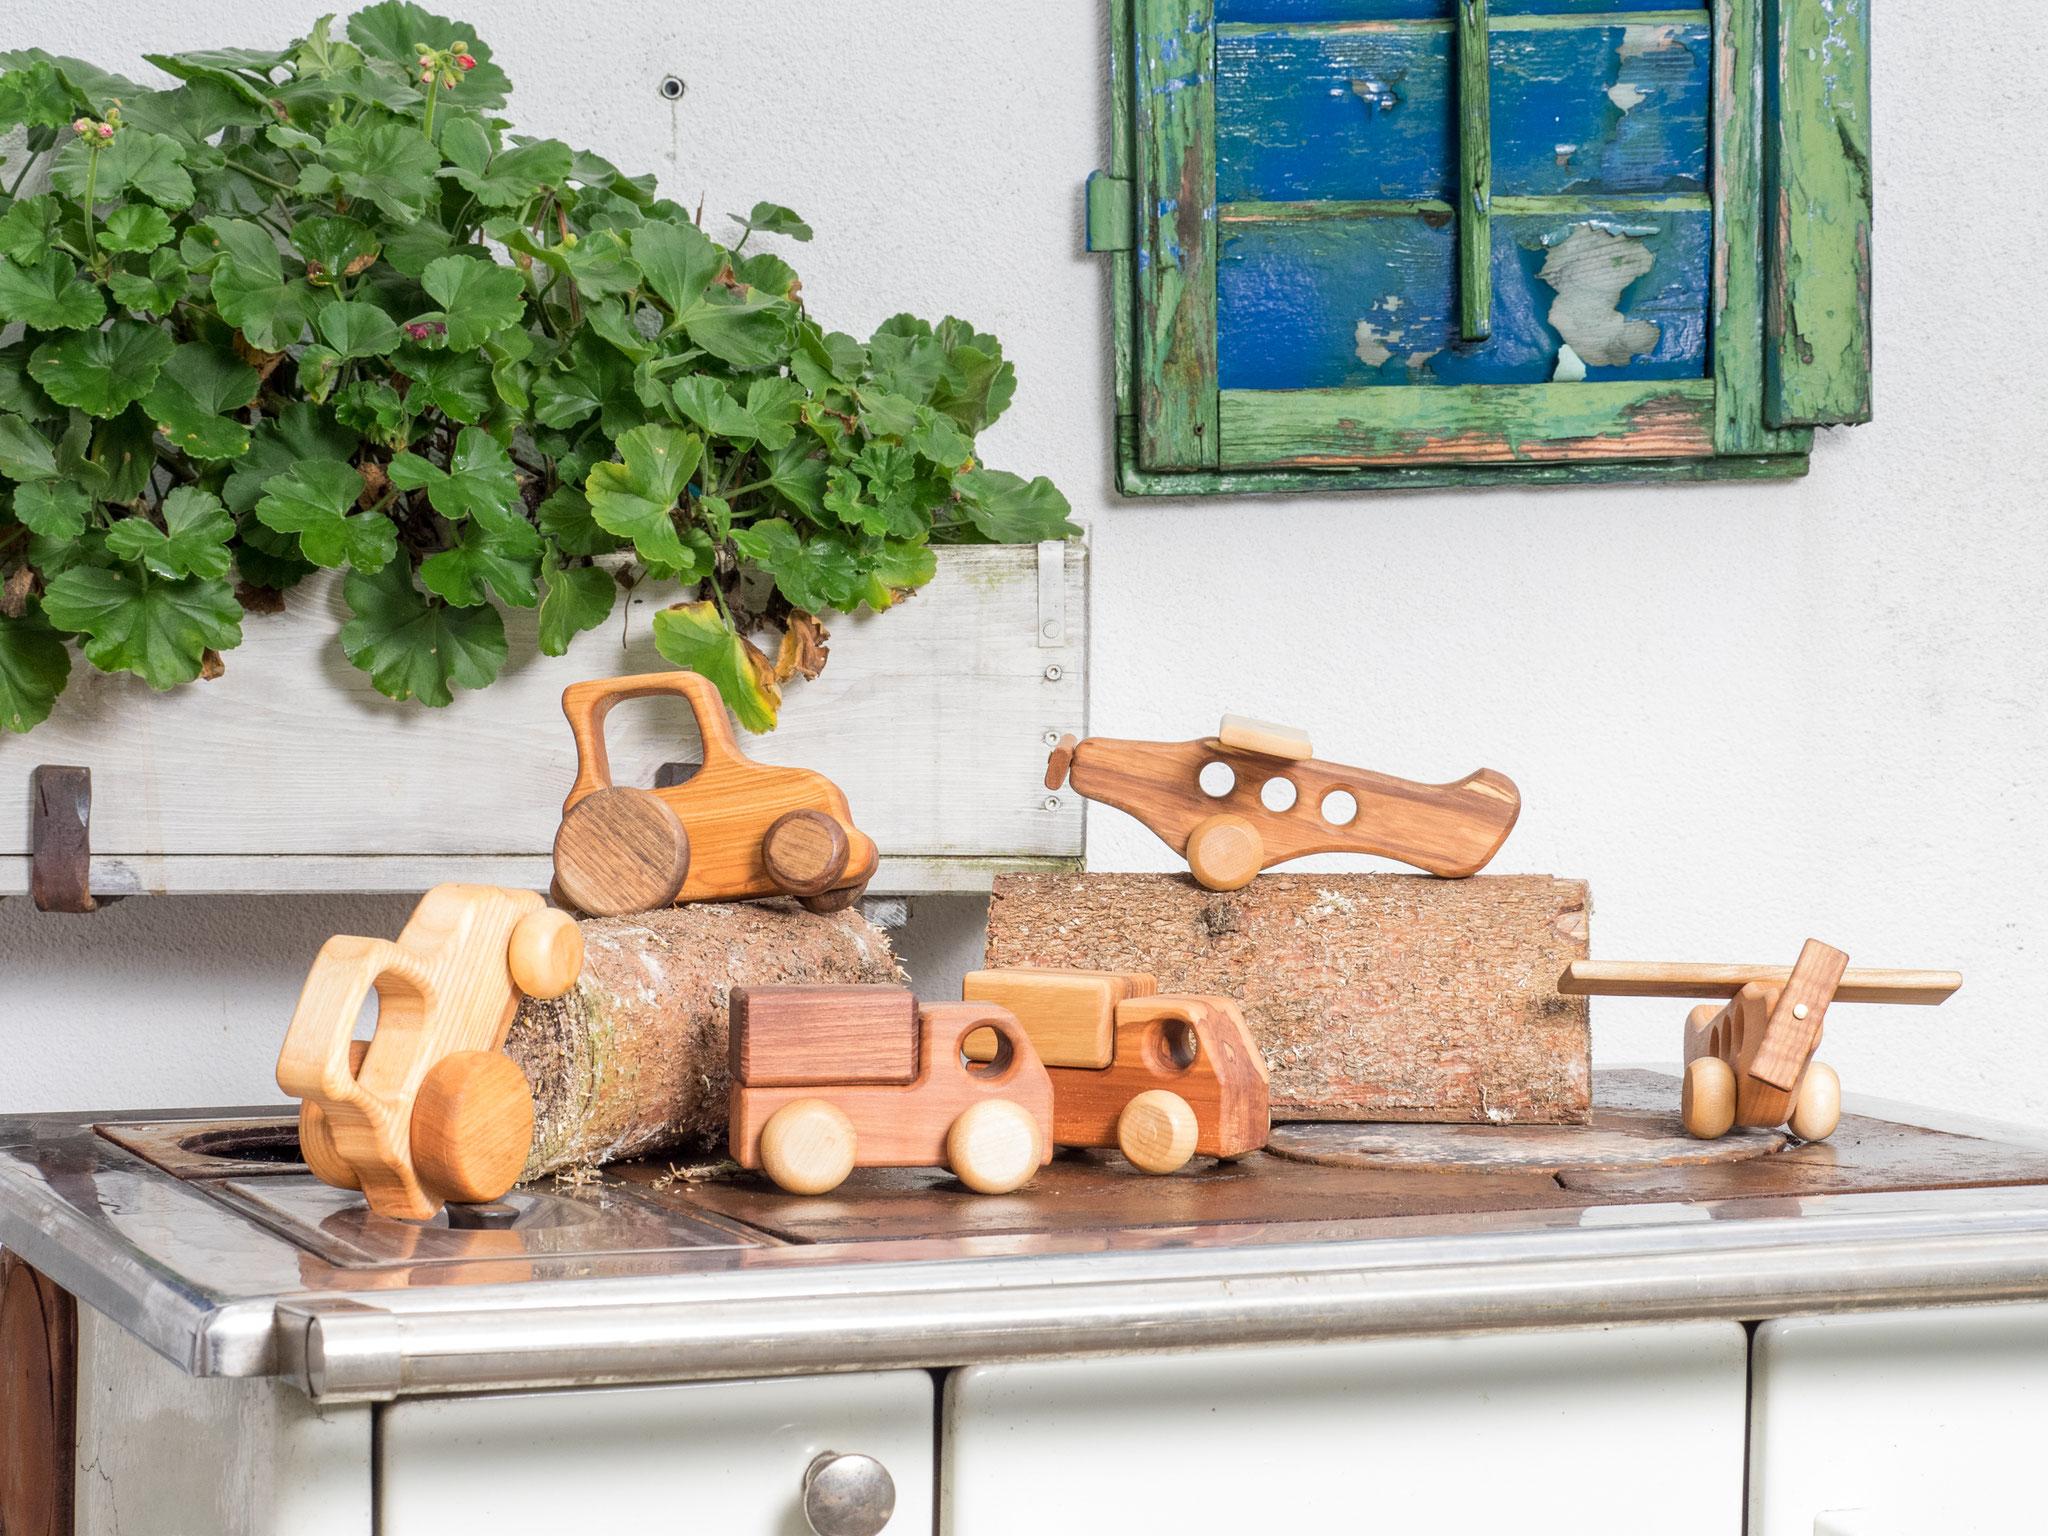 Spielzeug aus Holz für Kinder